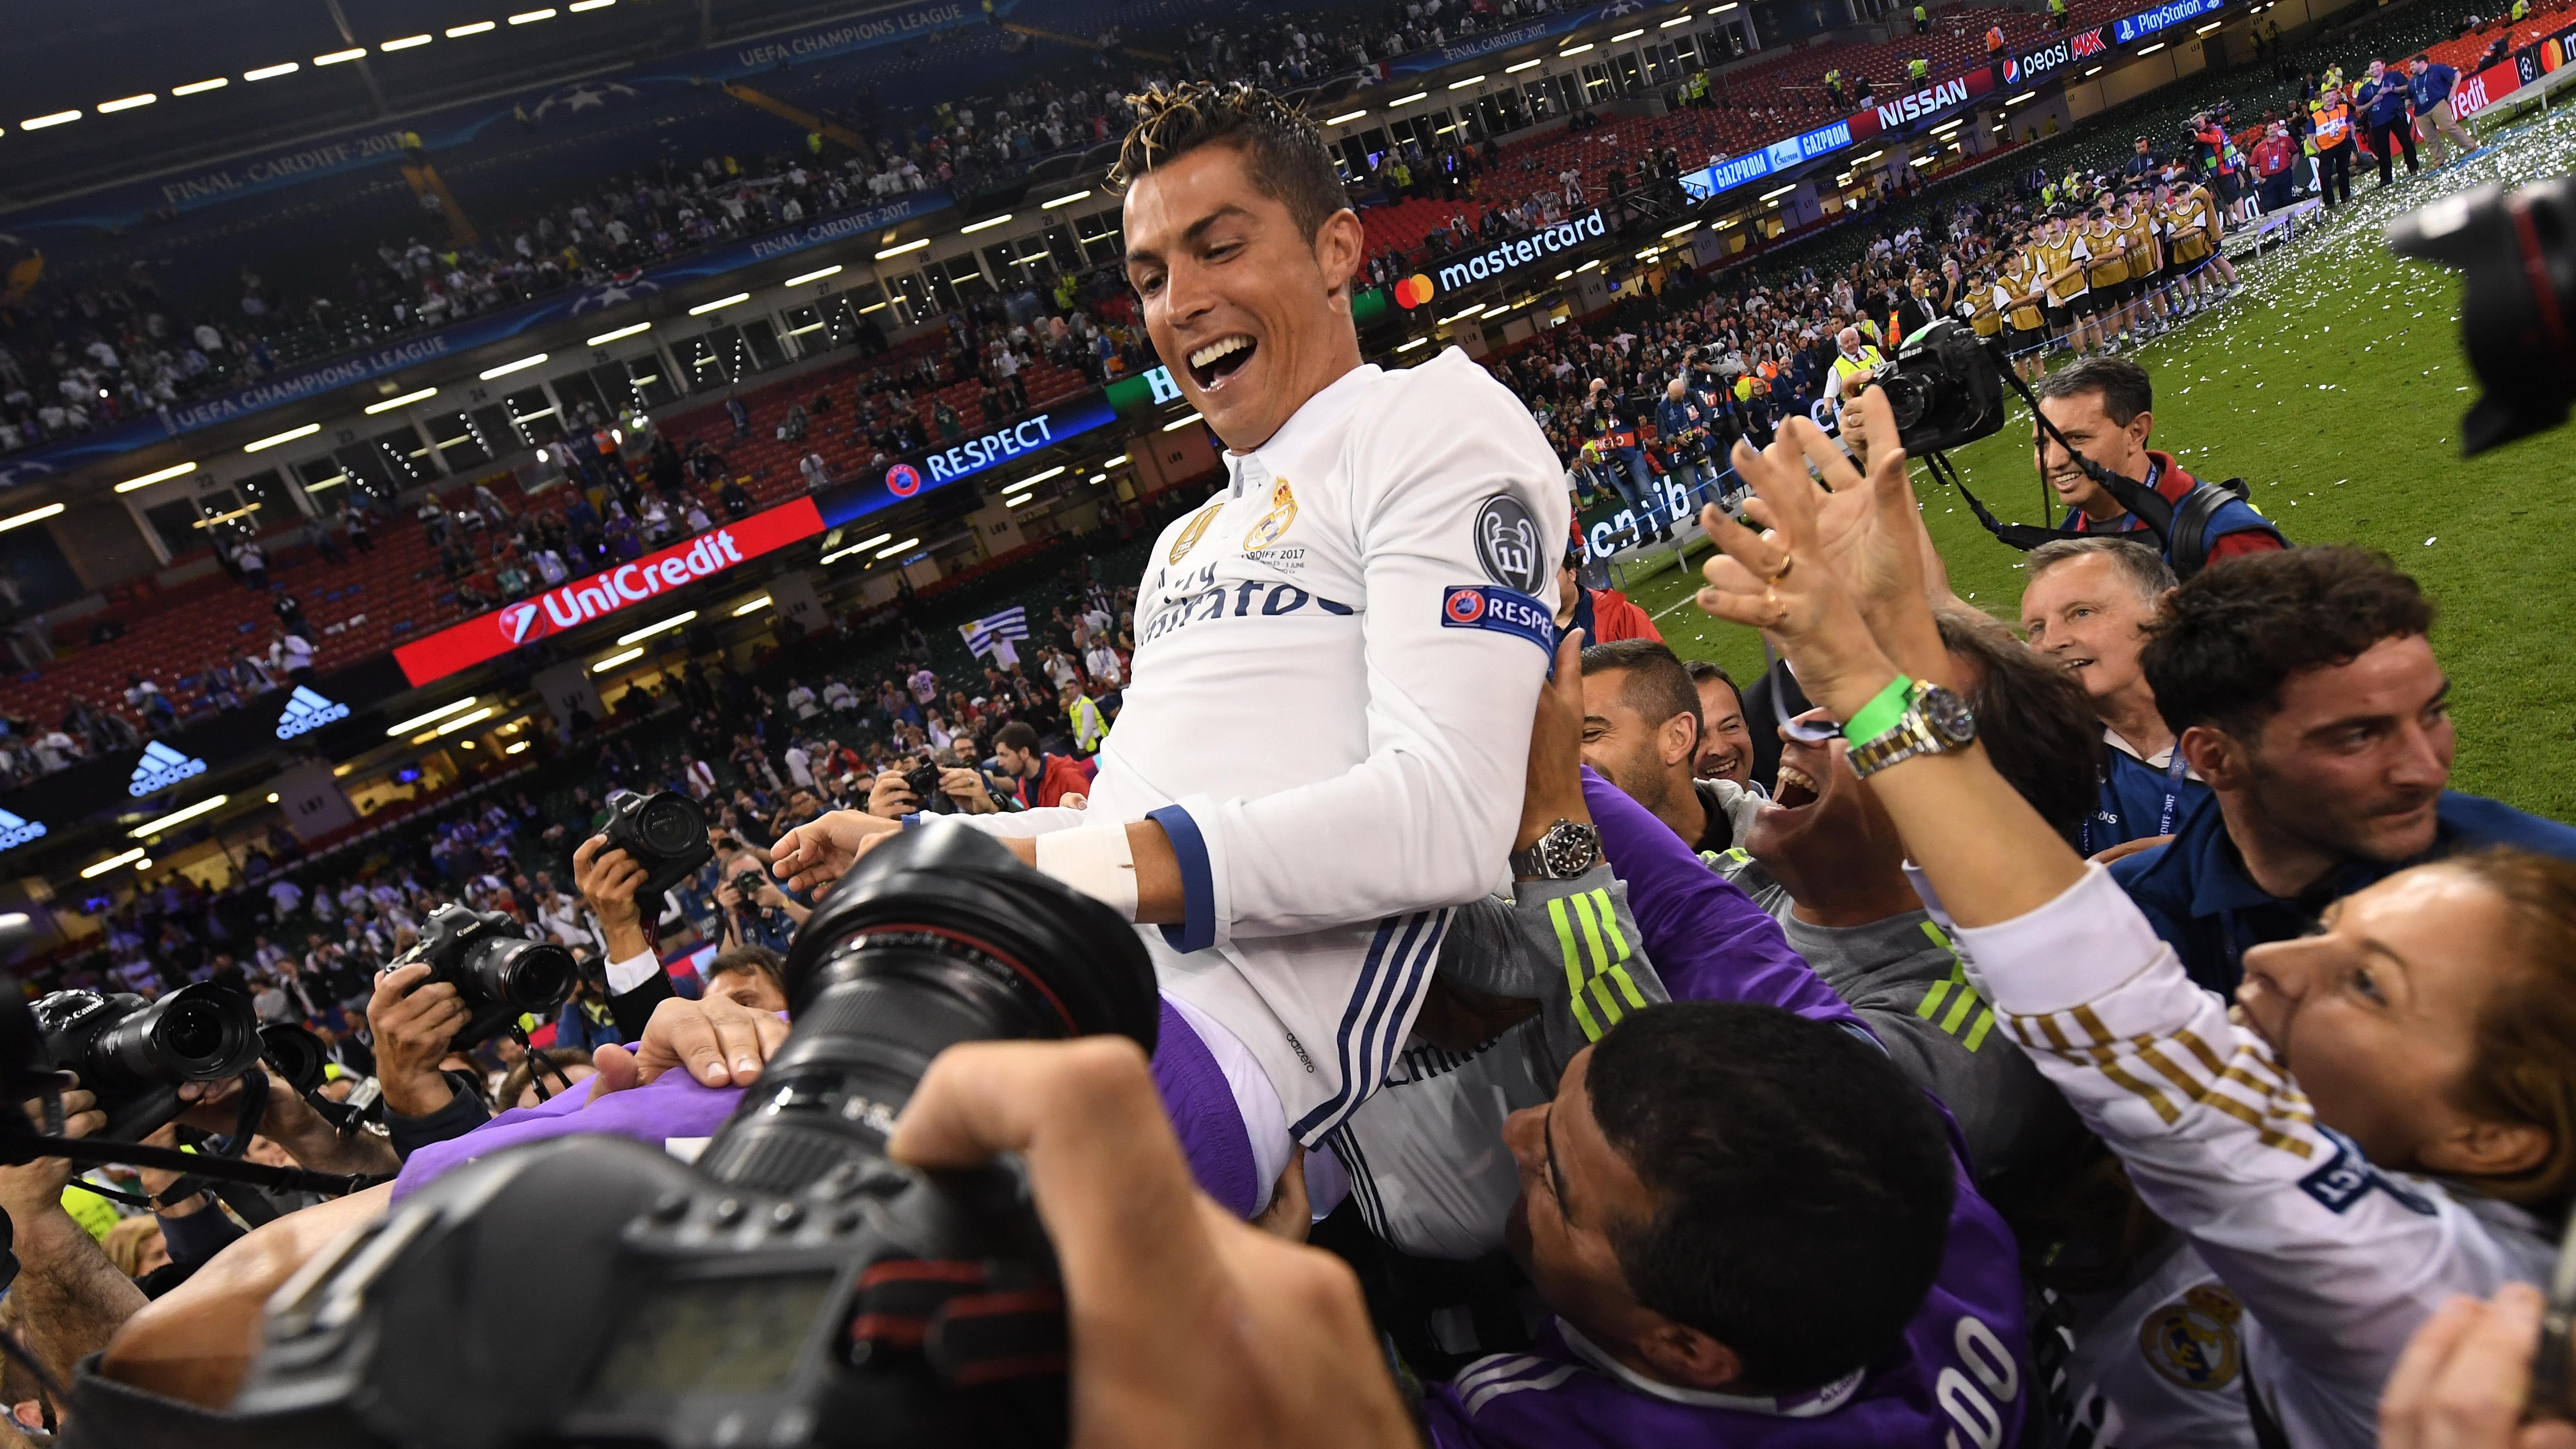 Vídeo: Jugada del hijo de Ronaldo asombra a fanáticos madridistas